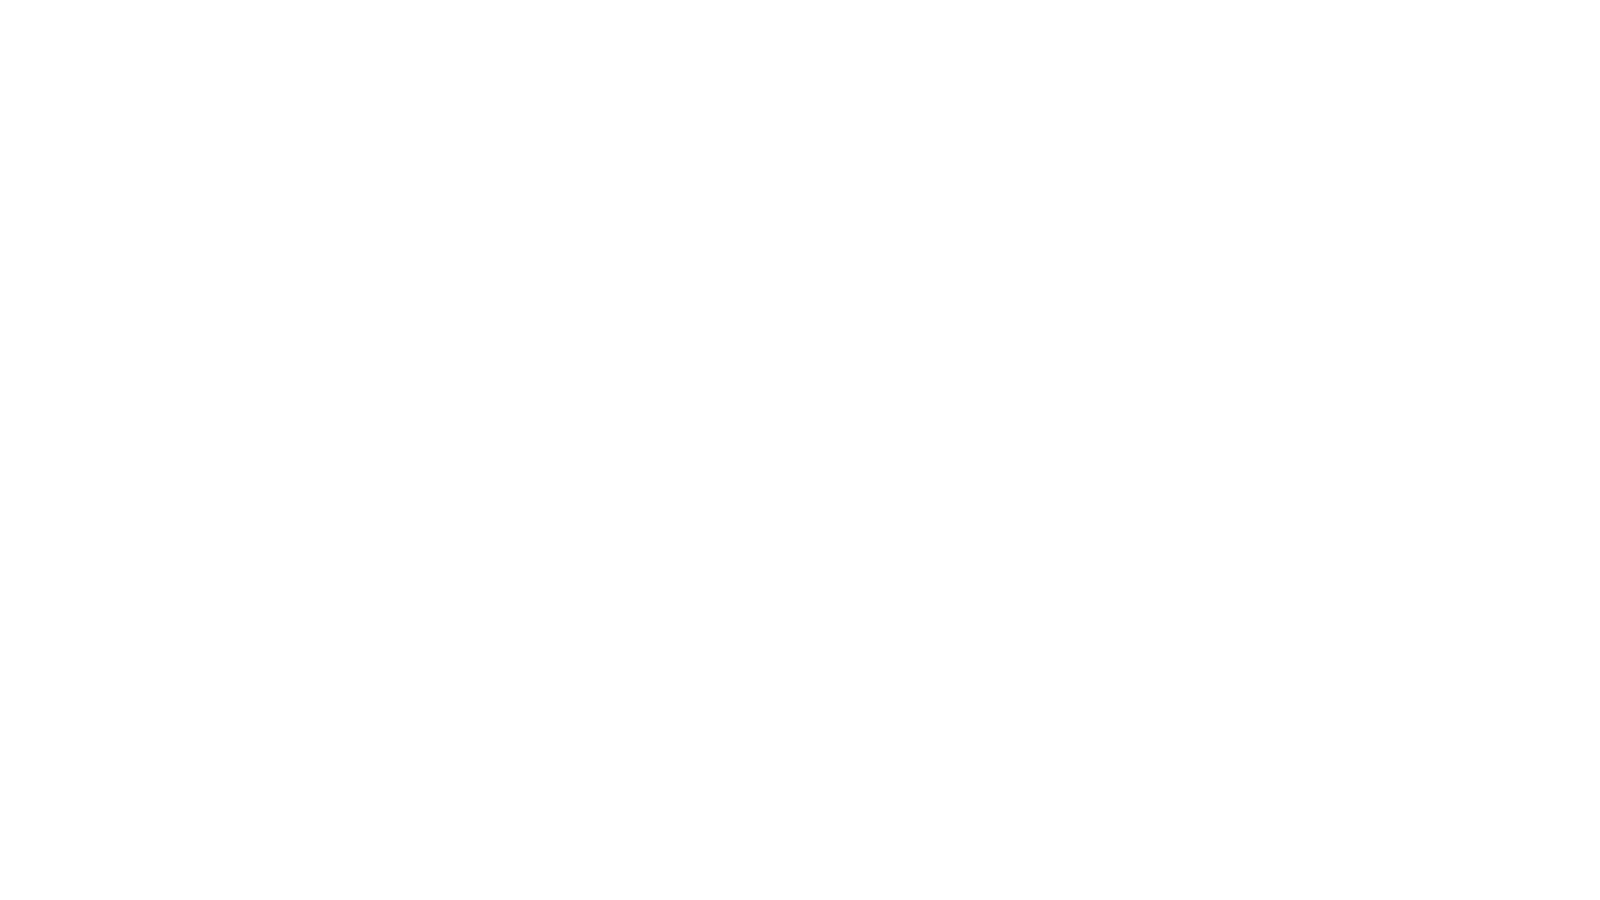 【出演者】 Youtube限定公開視聴チケットご購入はこちらから https://goheinishikawa.com/product/20210418y  ※ご購入申込受付後、Youtube限定公開URLをメールにてお知らせいたします。  コンサート終了後も翌日21:00まで、ご視聴いただけます。  西川悟平  西川悟平サポーターズクラブ入会申込はこちらから https://goheinishikawa.com/gnsc/  コンサート情報はこちらから ◇西川悟平オフィシャルサイト https://goheinishikawa.com/  Ginza 7th Studioからのコンサートをライブ配信しております。  ★西川悟平CD/DVD絶賛発売中! https://goheinishikawa.com/product/cd-dvd/     ★「西川悟平 応援募金スタート」   西川悟平の発展的な音楽活動の為に応援募金の募集スタート!ご支援お願いします!   ◆振込先変更◆ ●ゆうちょ 記号00150-6 番号588435   ●ゆうちょ以外 口座名:株式会社文化人放送局 口座フリガナ: カ)ブンカジンホウソウキョク     銀行名: ゆうちょ銀行 店名:「0一九」ゼロイチキュウ 普通口座:0588435  2019年12月10日より変更後のYouTube規約に準拠し、 ニュース・時事問題を分かり易く解説、 正しい情報伝達を目的に番組制作しております。